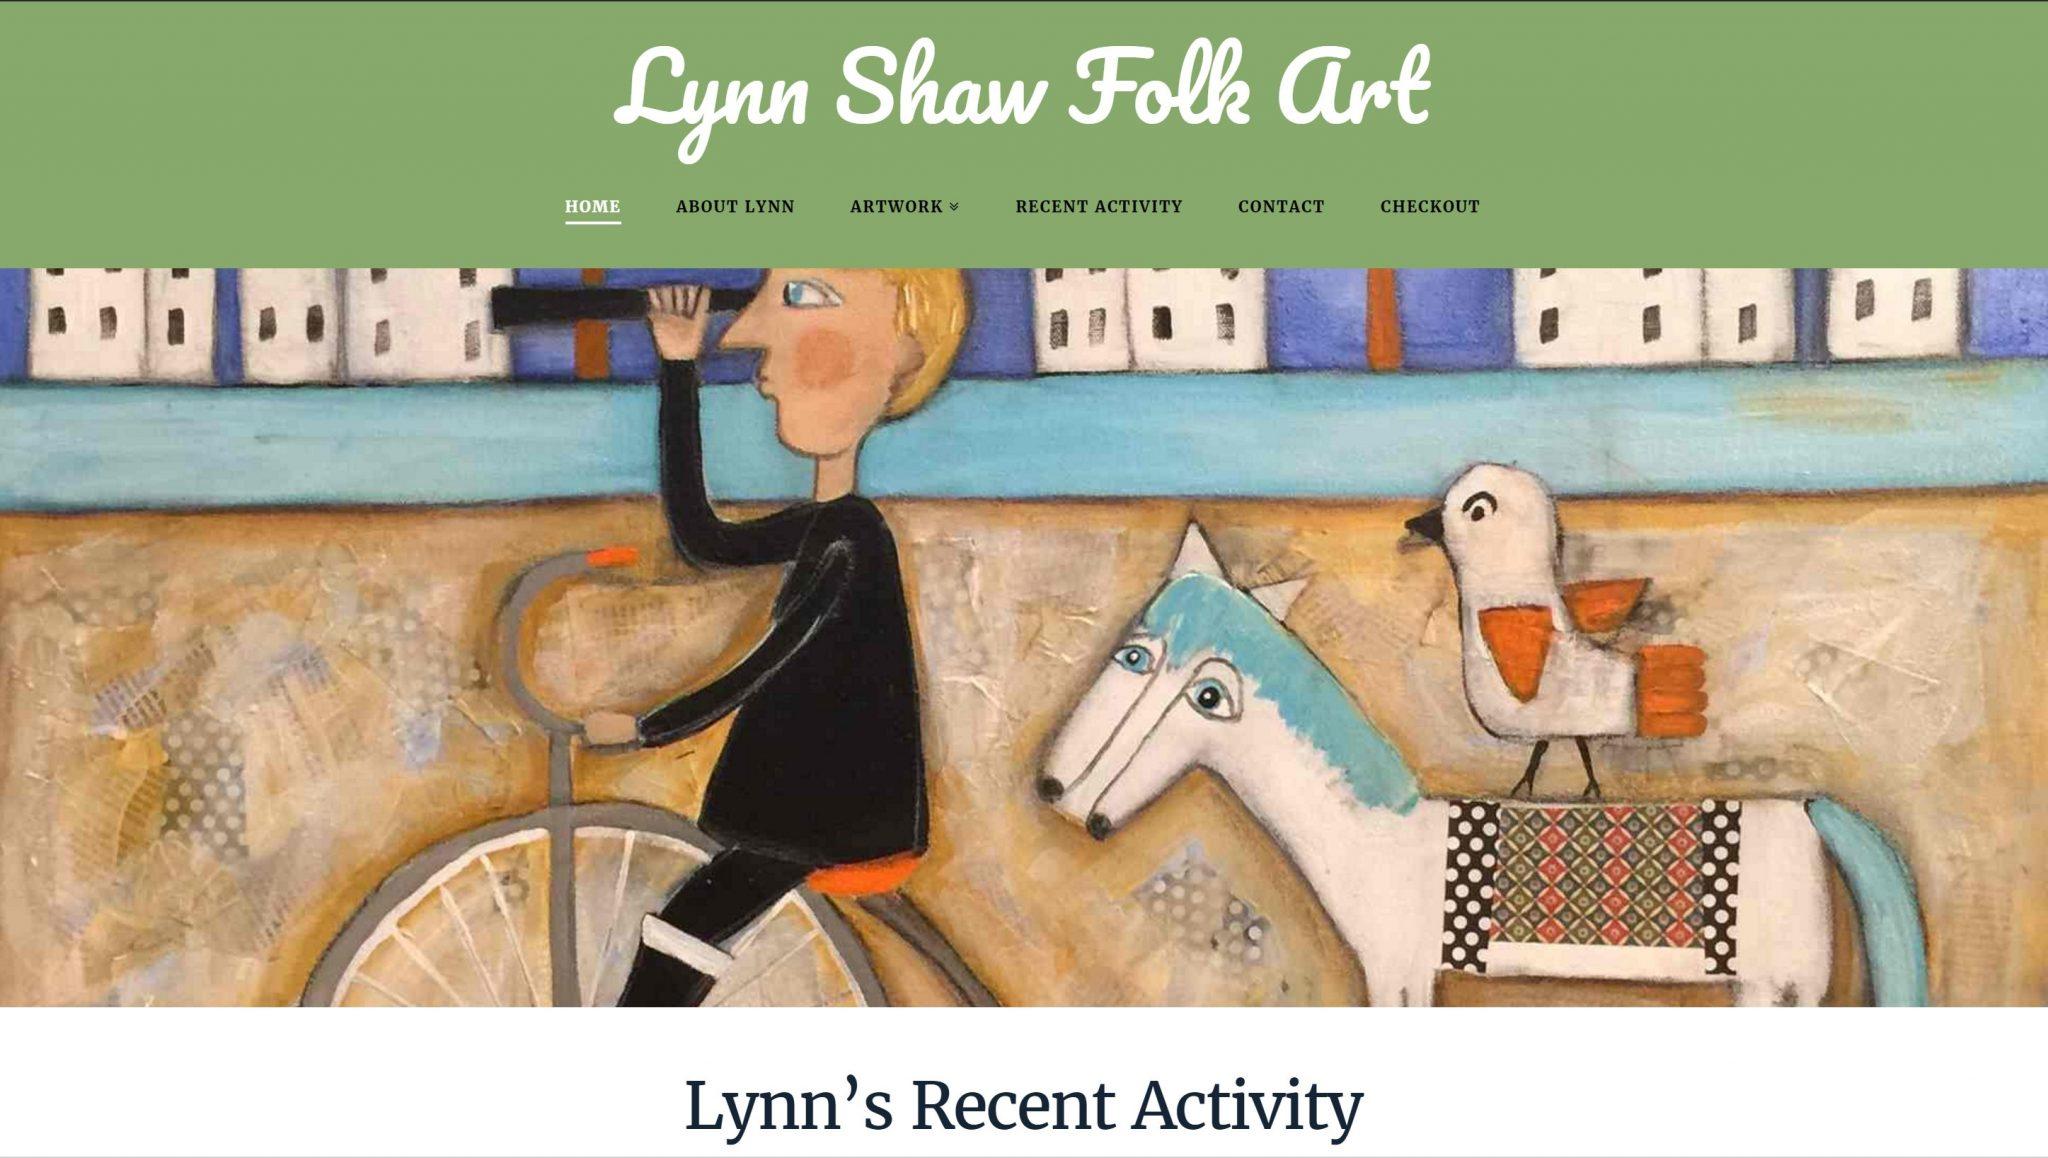 Lynn Shaw Folk Art Website